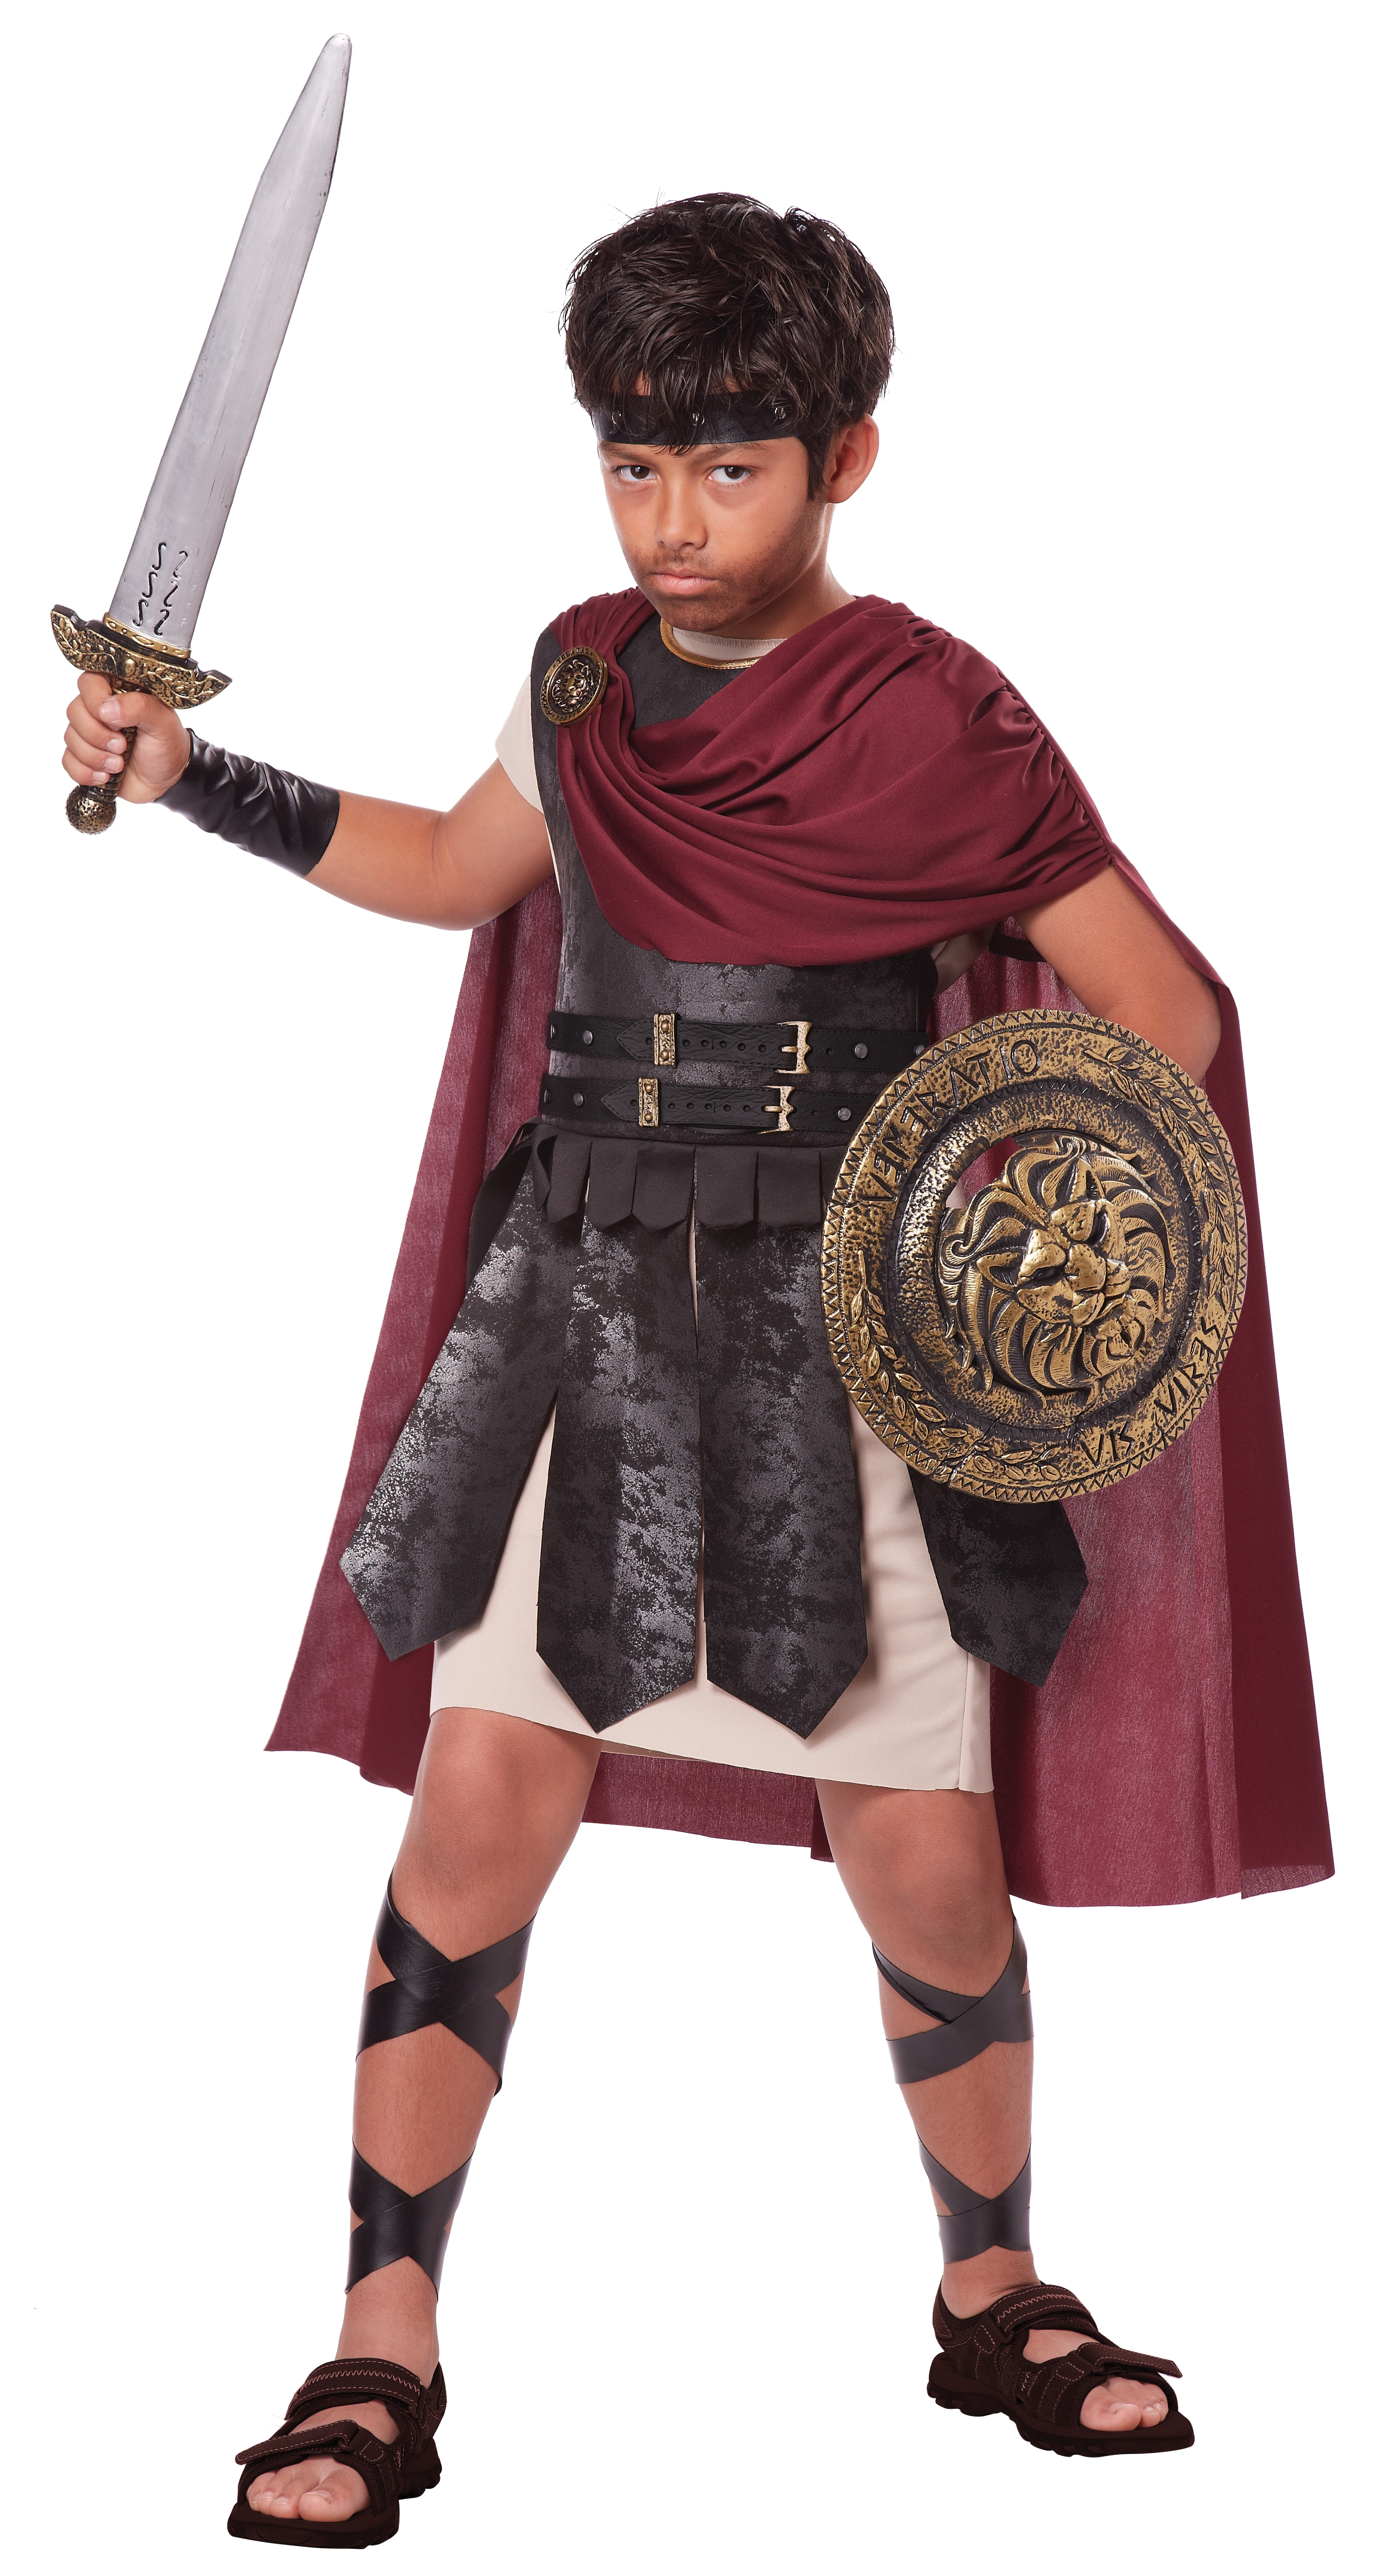 Детский костюм Воина Гладиатора (38-40) костюм римского воина 50 54